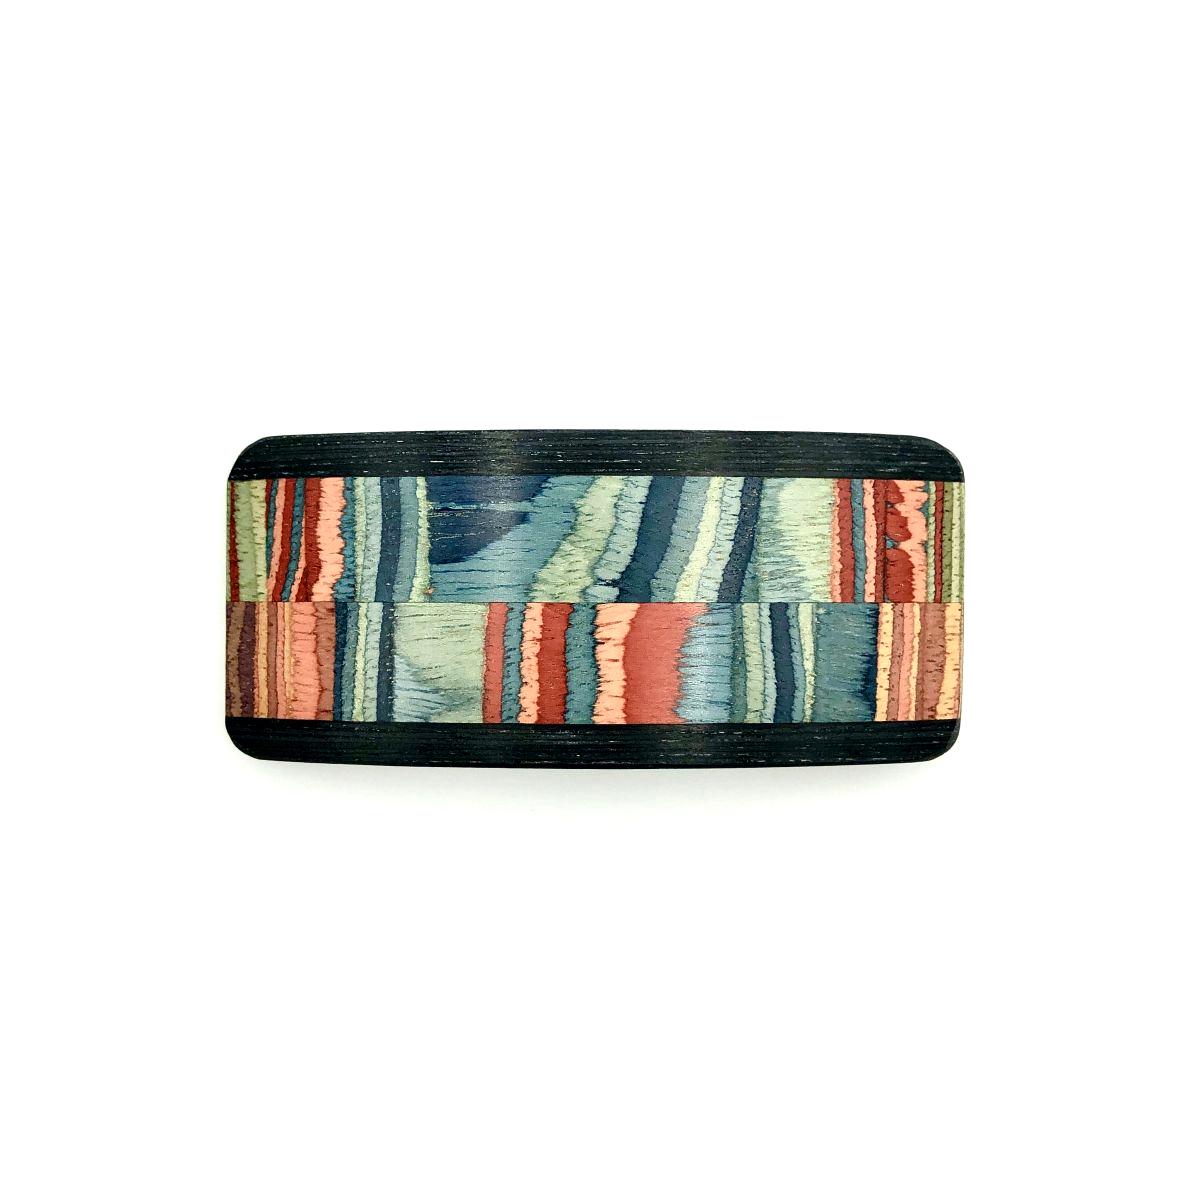 Haarspange aus Holz blau/bunt - mittel, breit - 9,5 cm